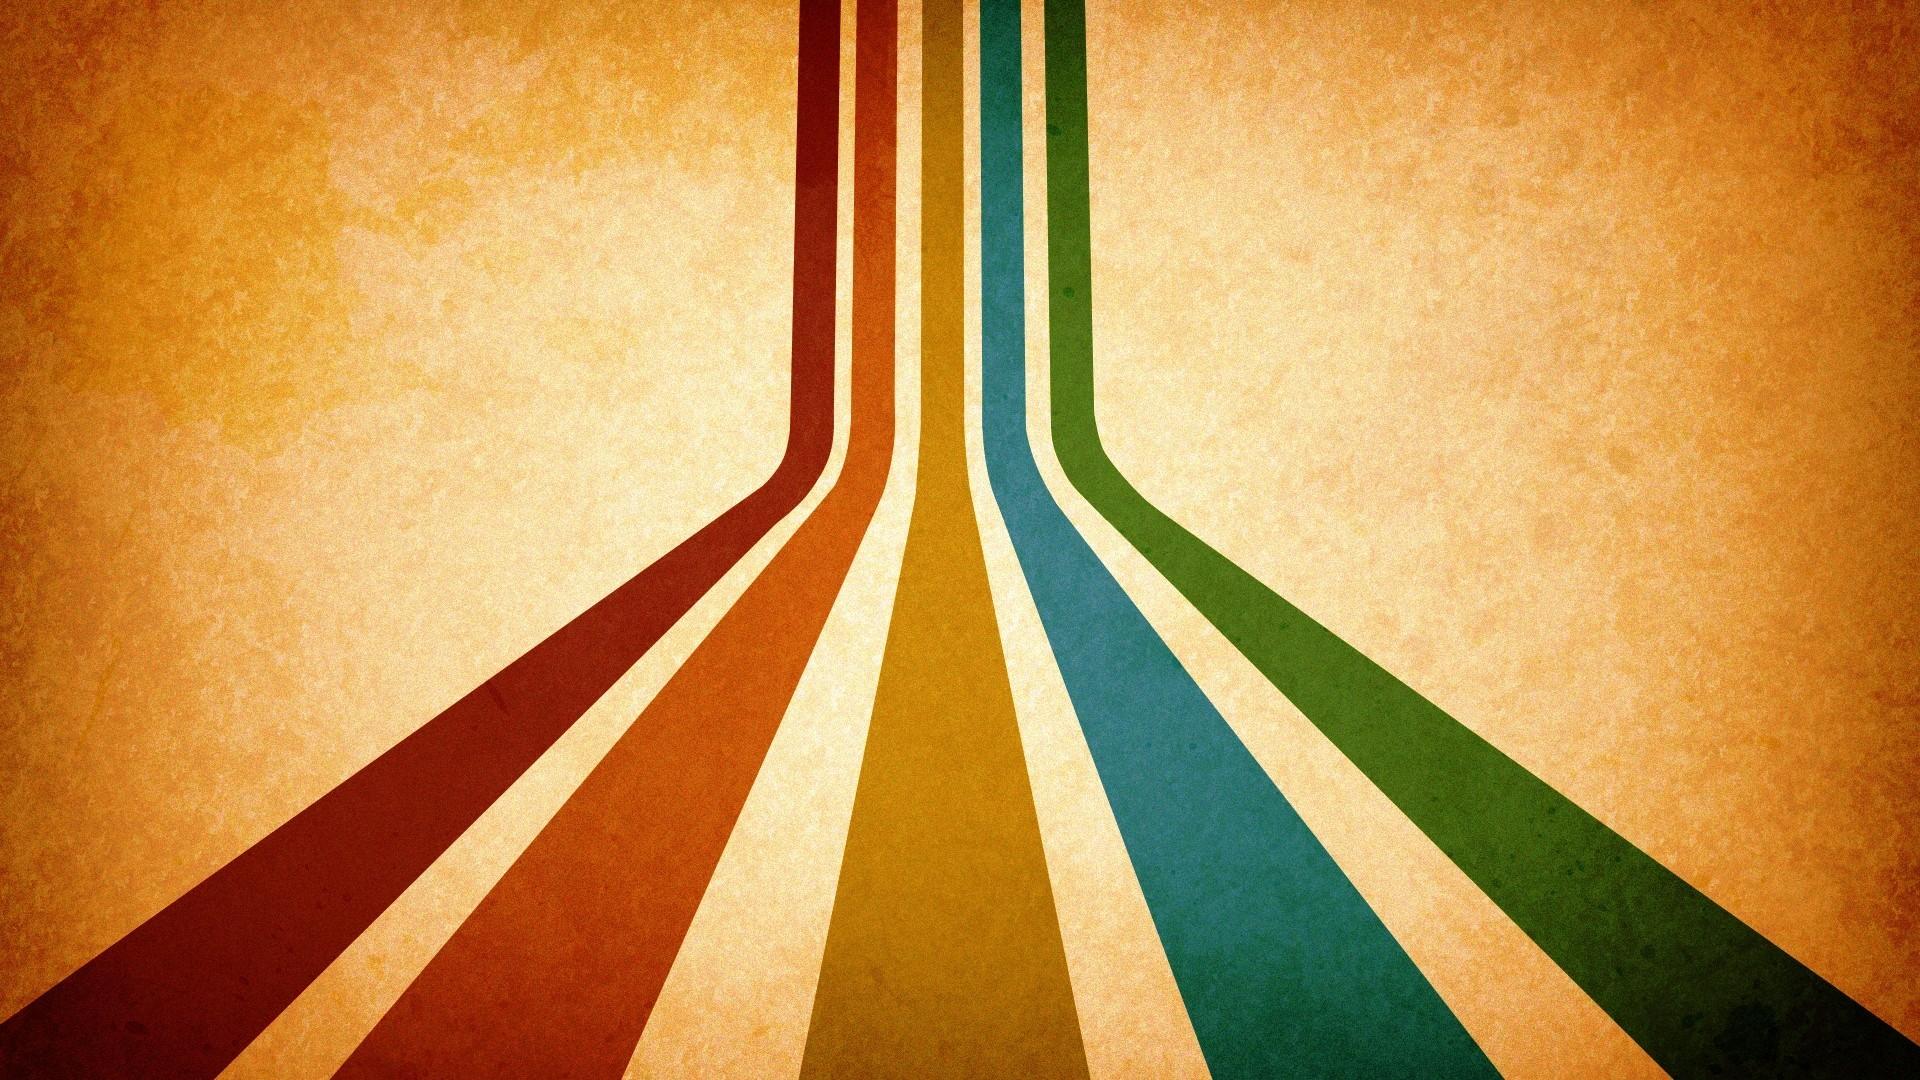 70s Desktop Wallpaper 58 Images